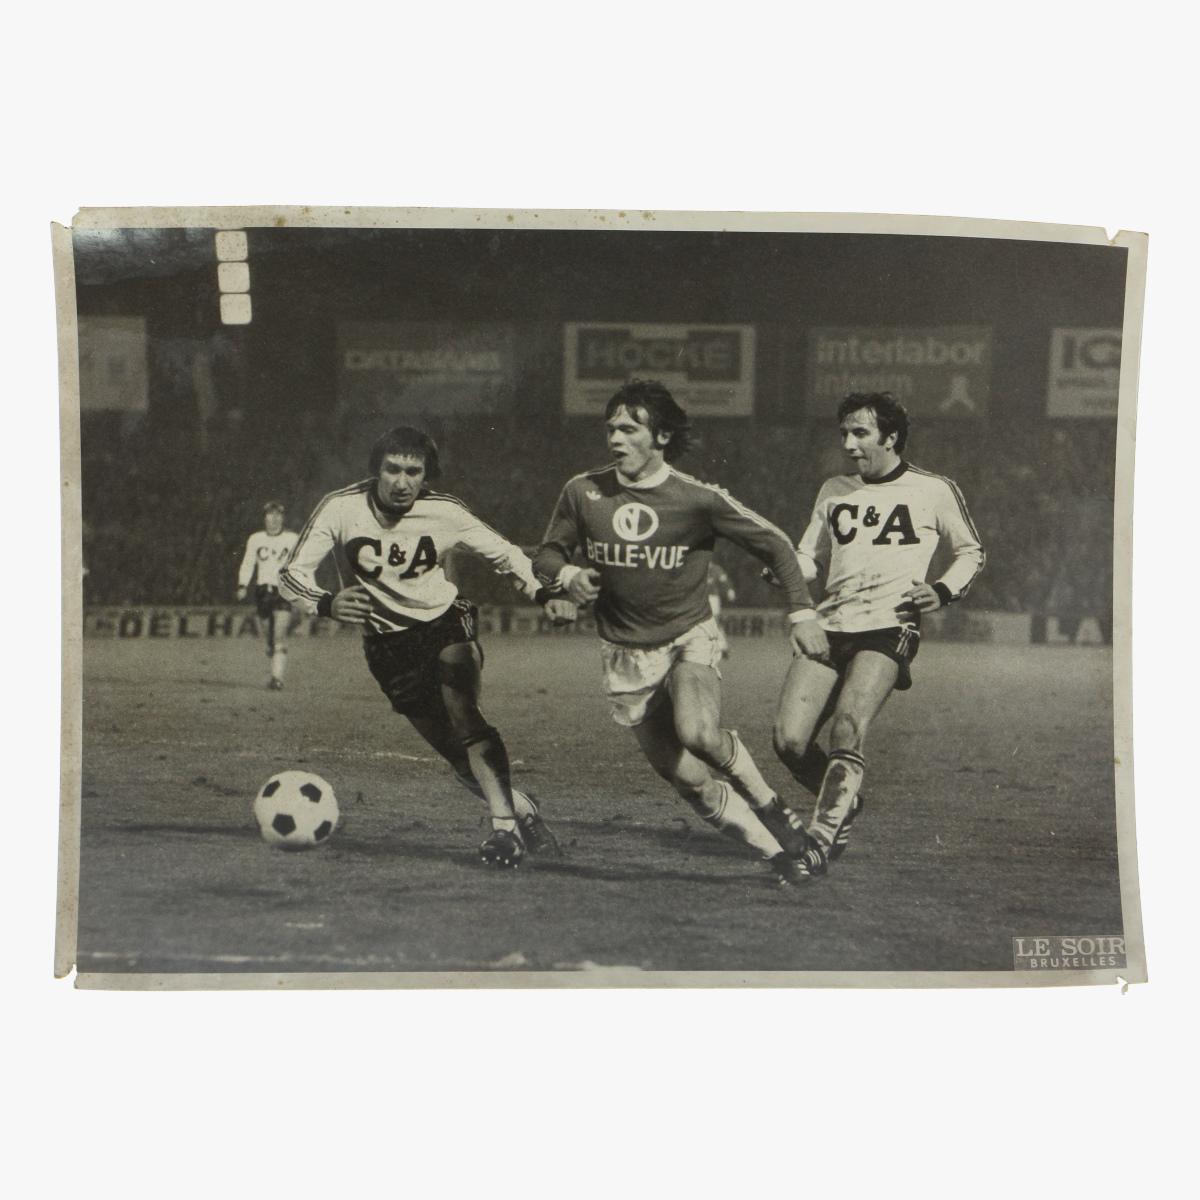 Afbeeldingen van foto anderlecht - beringen 1977 le soir bruxelles